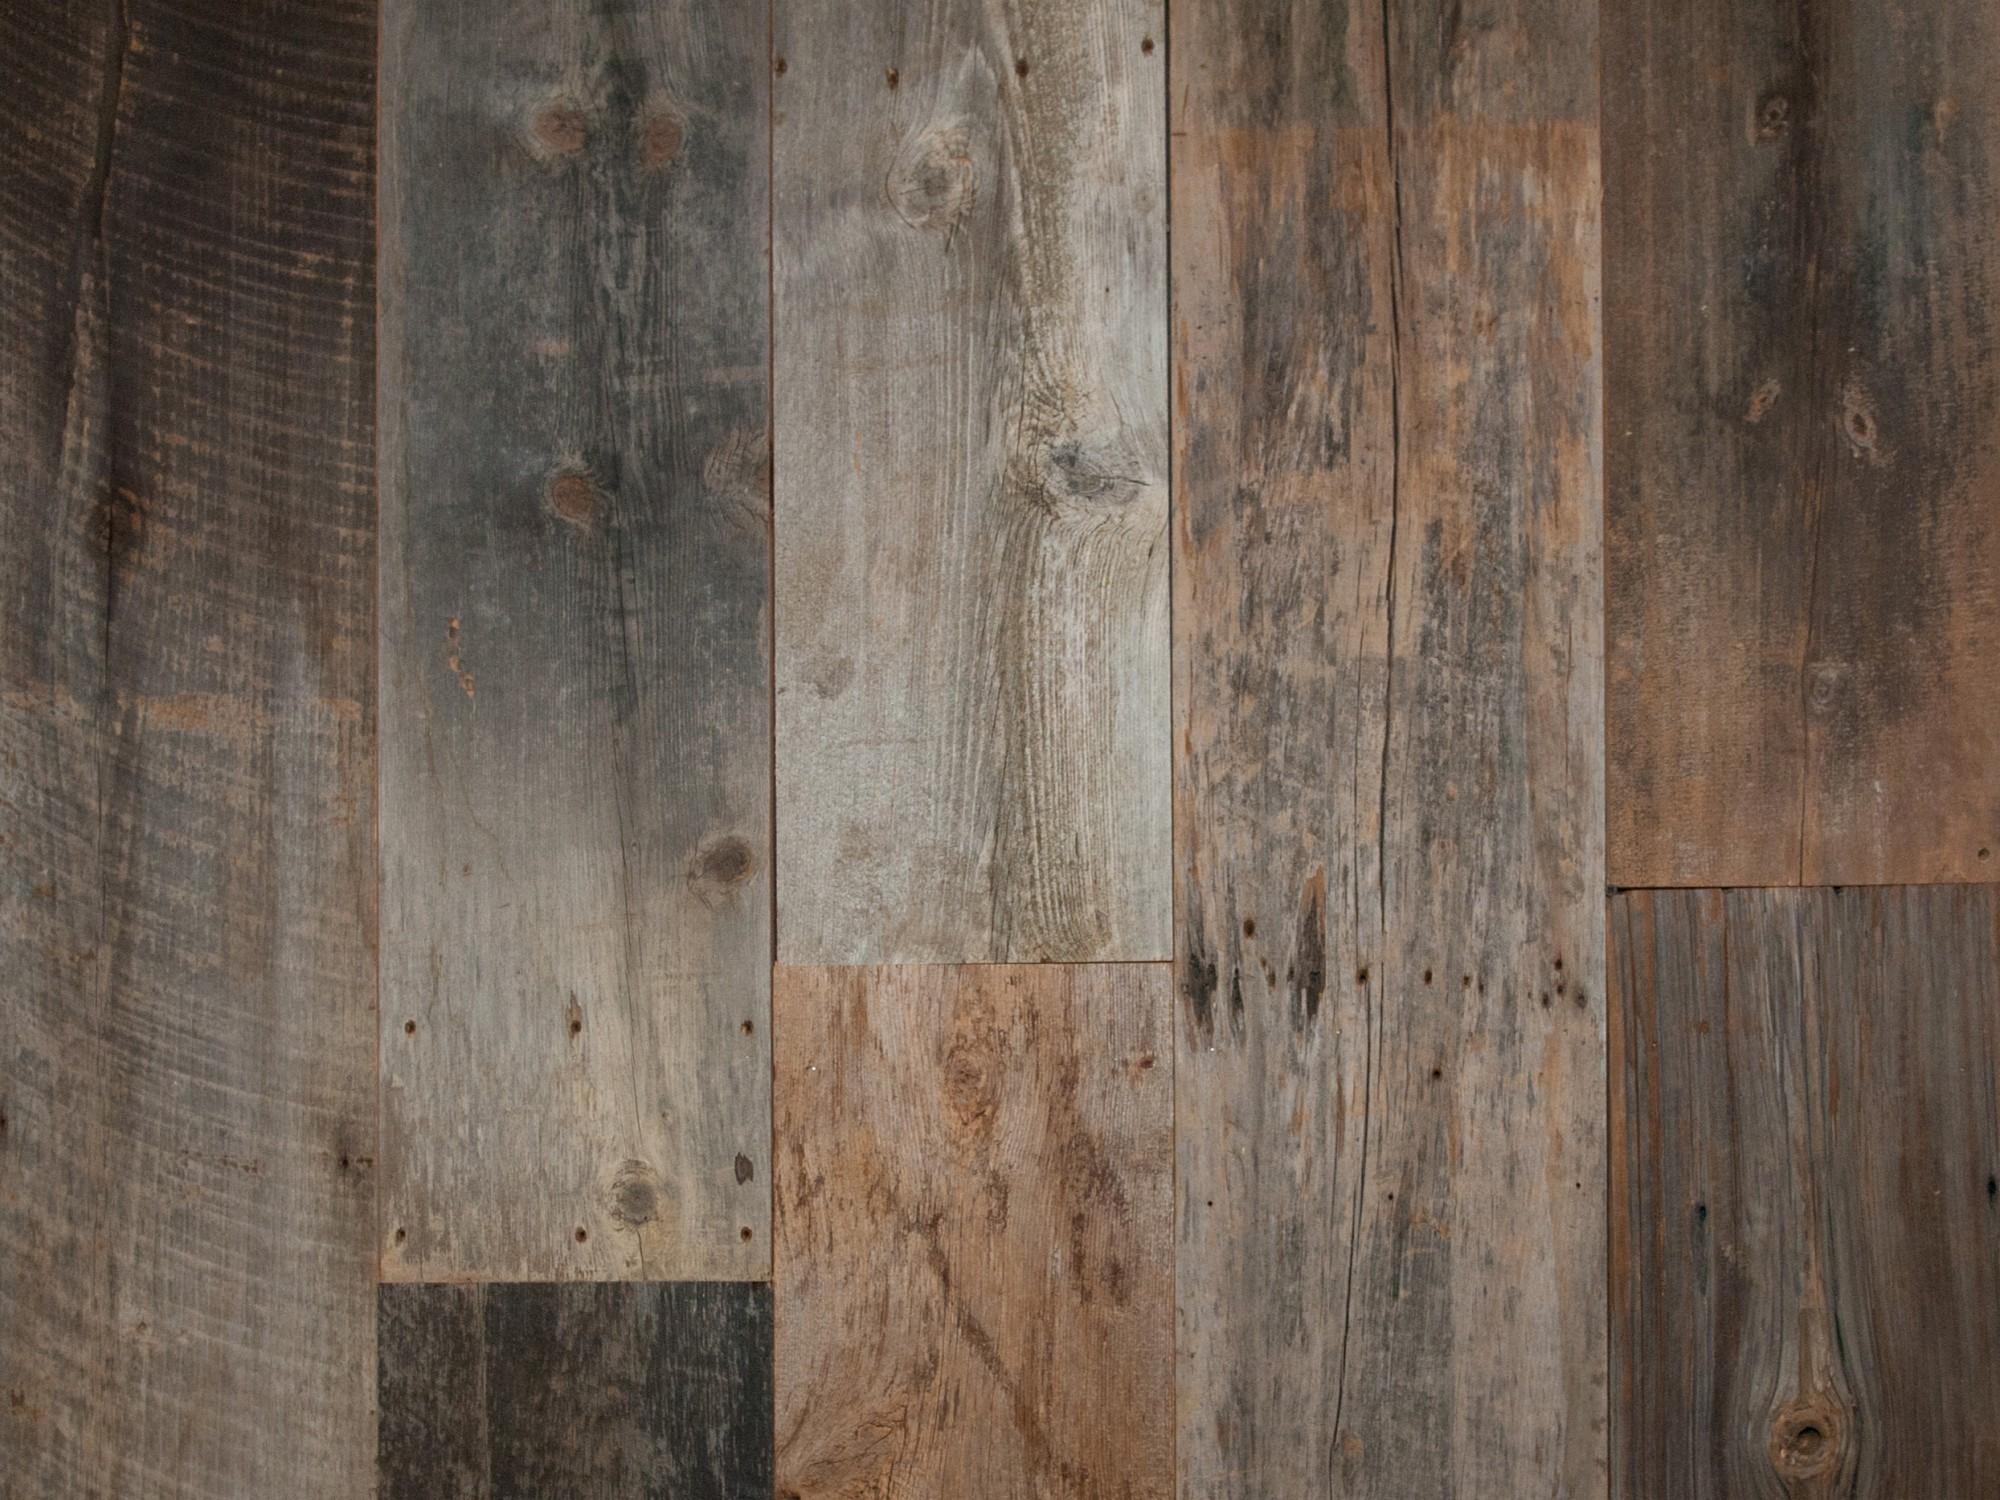 Grey Barn Siding Vintage Lumber Vintage Lumber